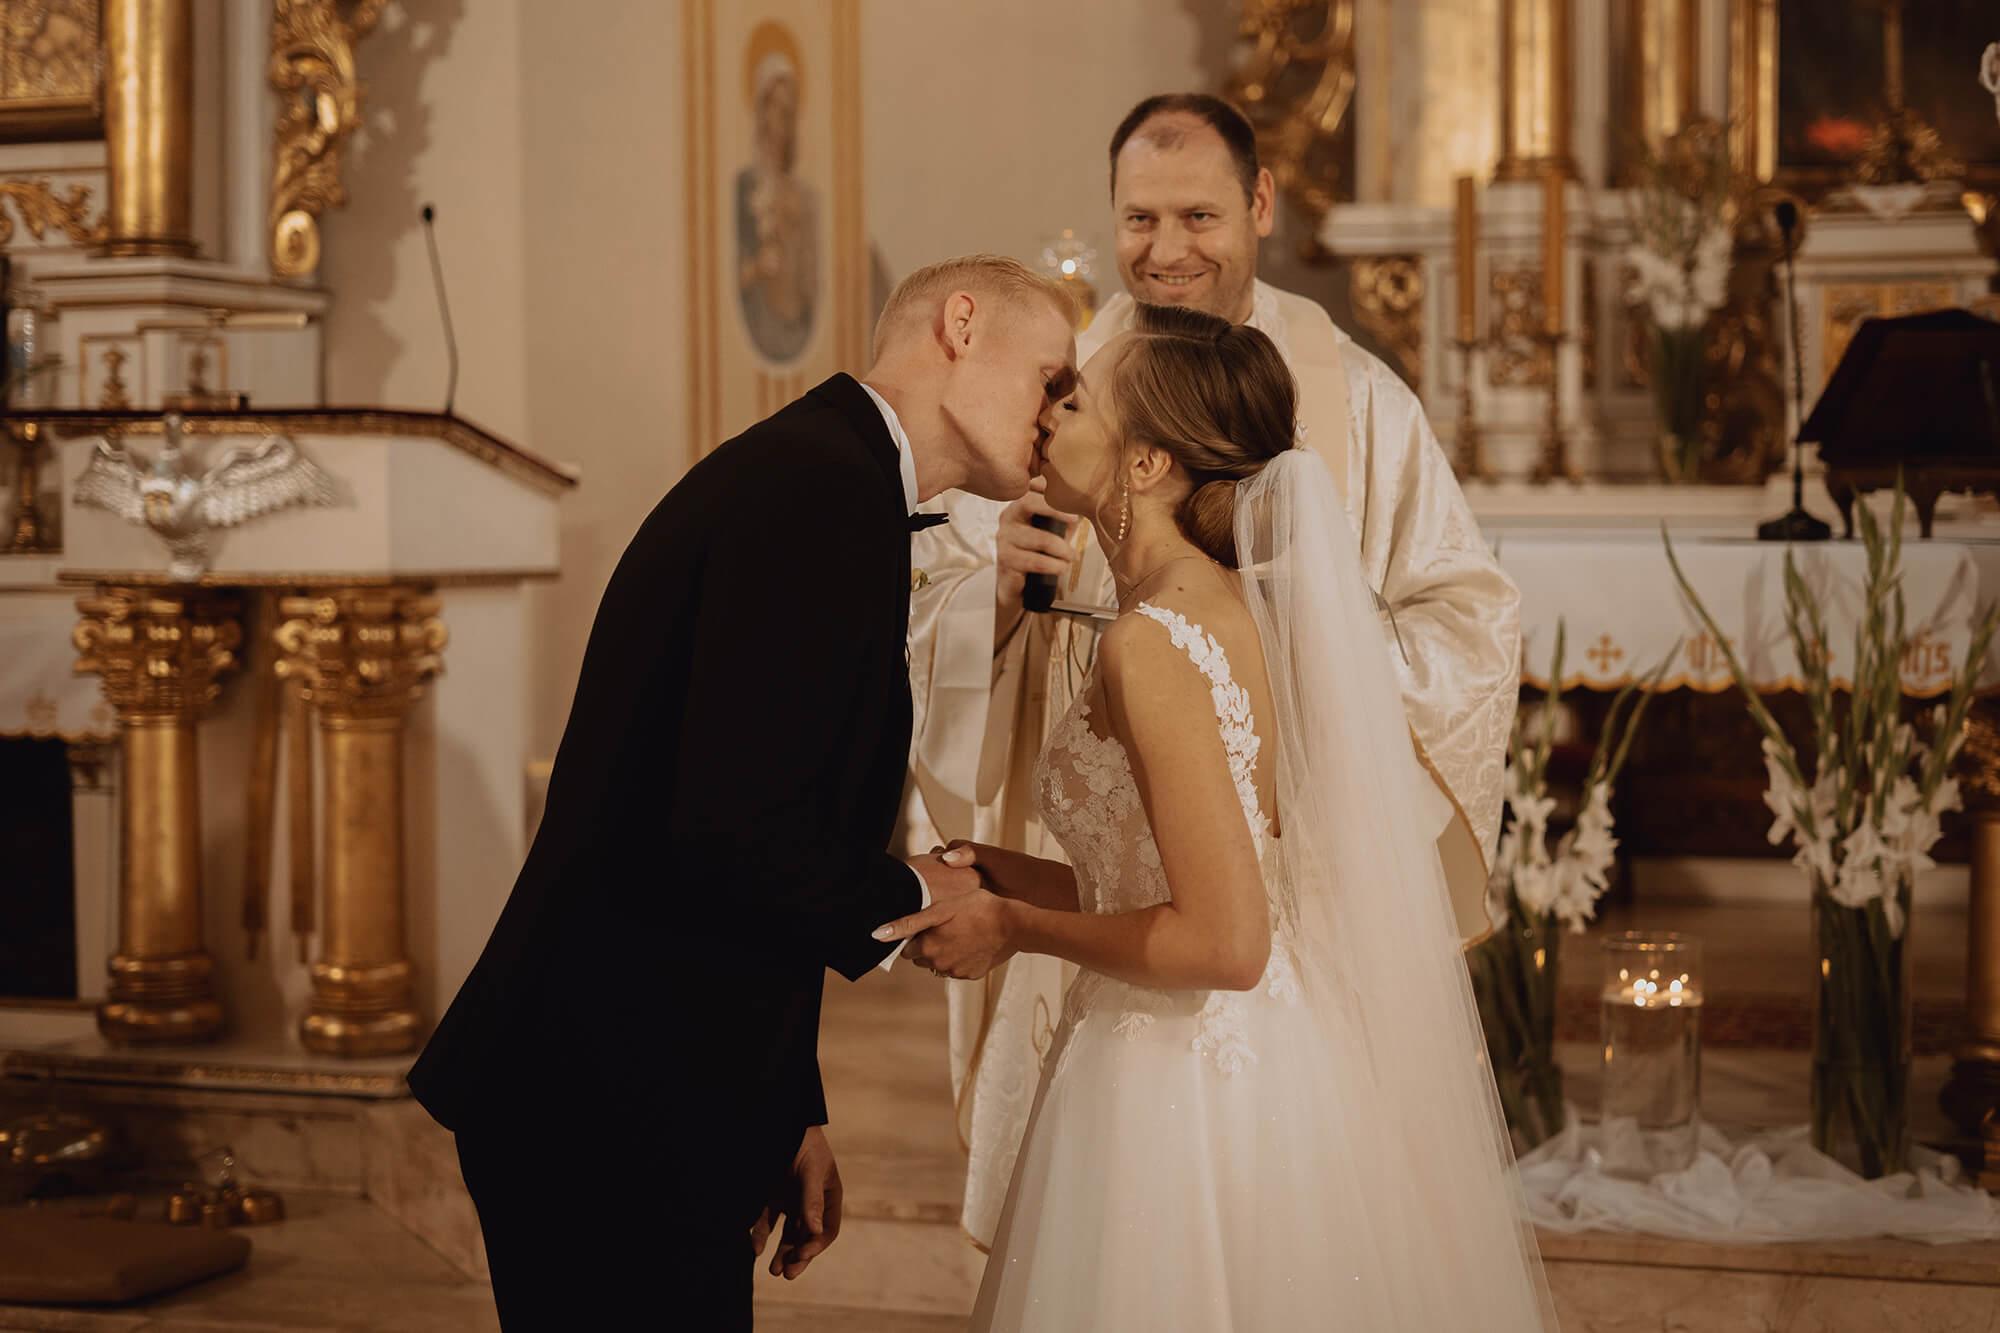 Slub wesele w dworze Hulanka00068 - Ola + Maciej | wesele w Dworze Hulanka